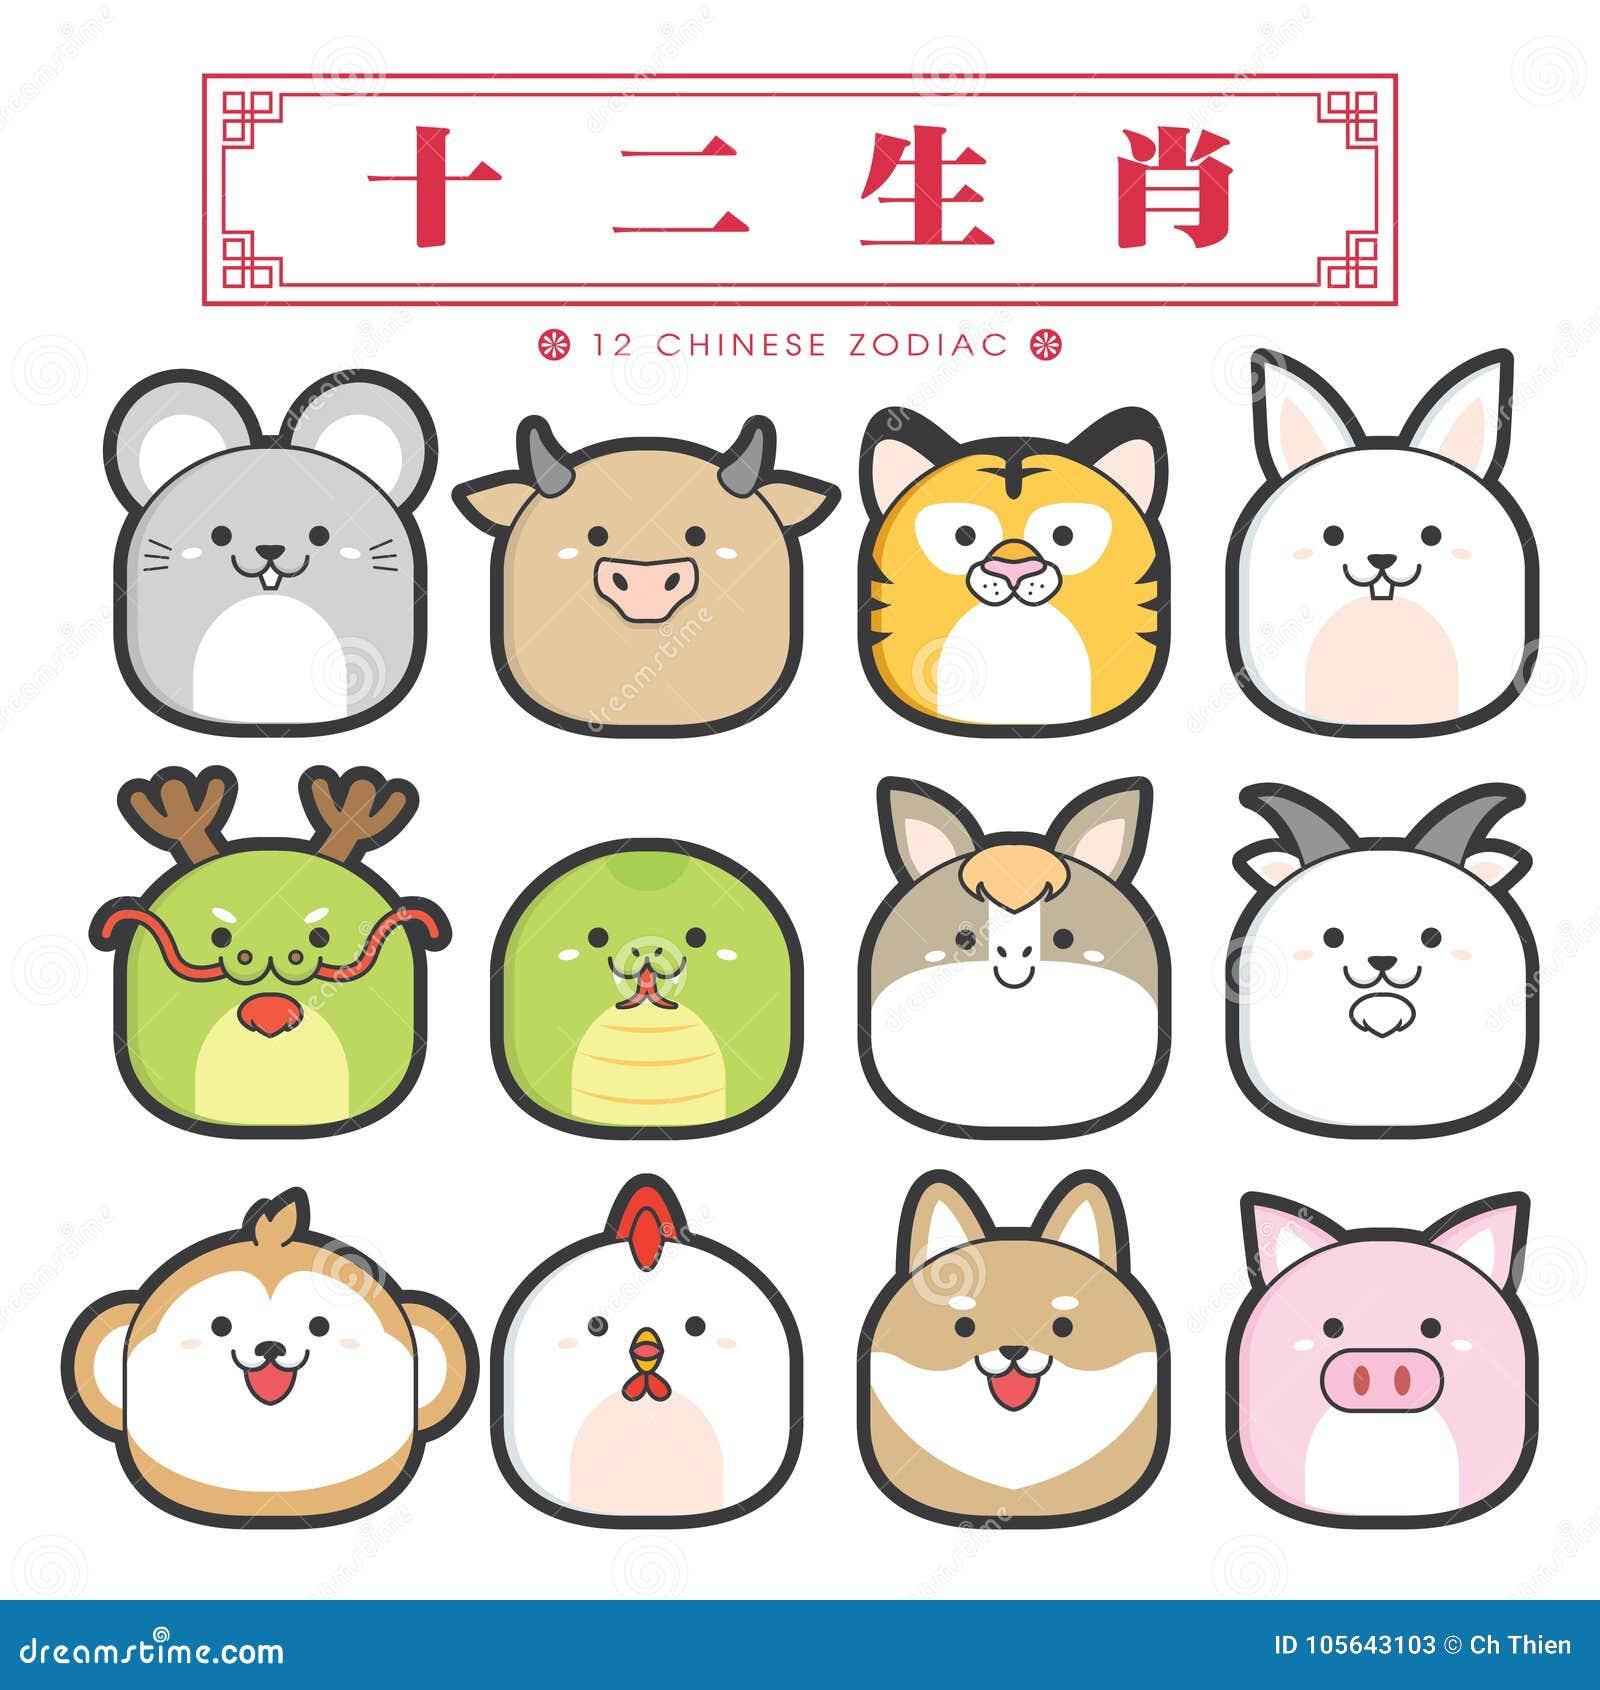 Zodiak för 12 kines, symbolsuppsättning & x28; Kinesisk översättning: 12 kinesiska zodiaktecken: tjalla oxen, tigern, kanin, drak